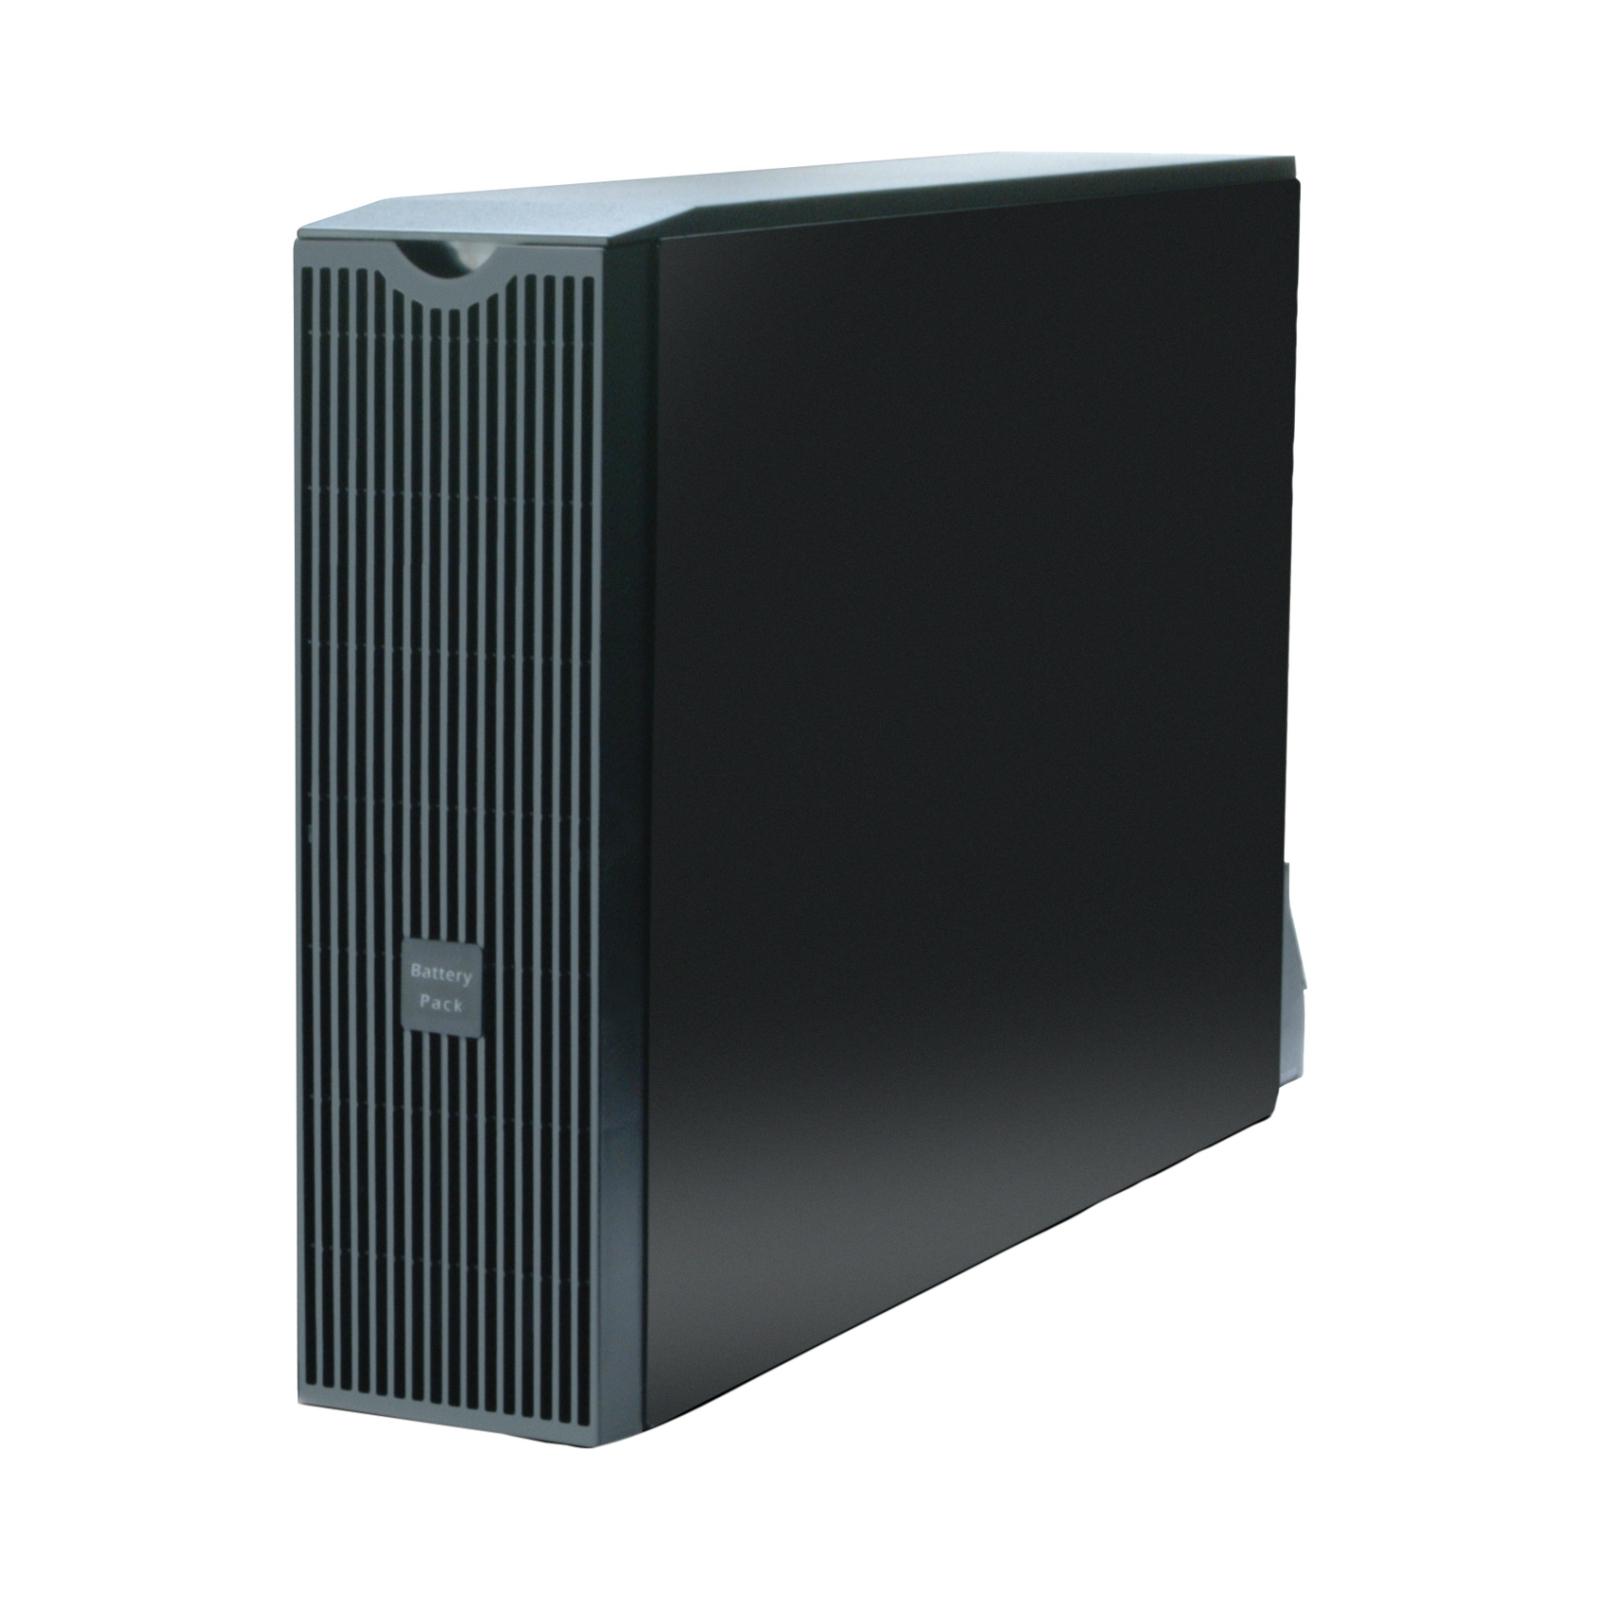 Батарея к ИБП для Smart-UPS RT 3/ 5/ 7.5/ APC (SURT192XLBP)